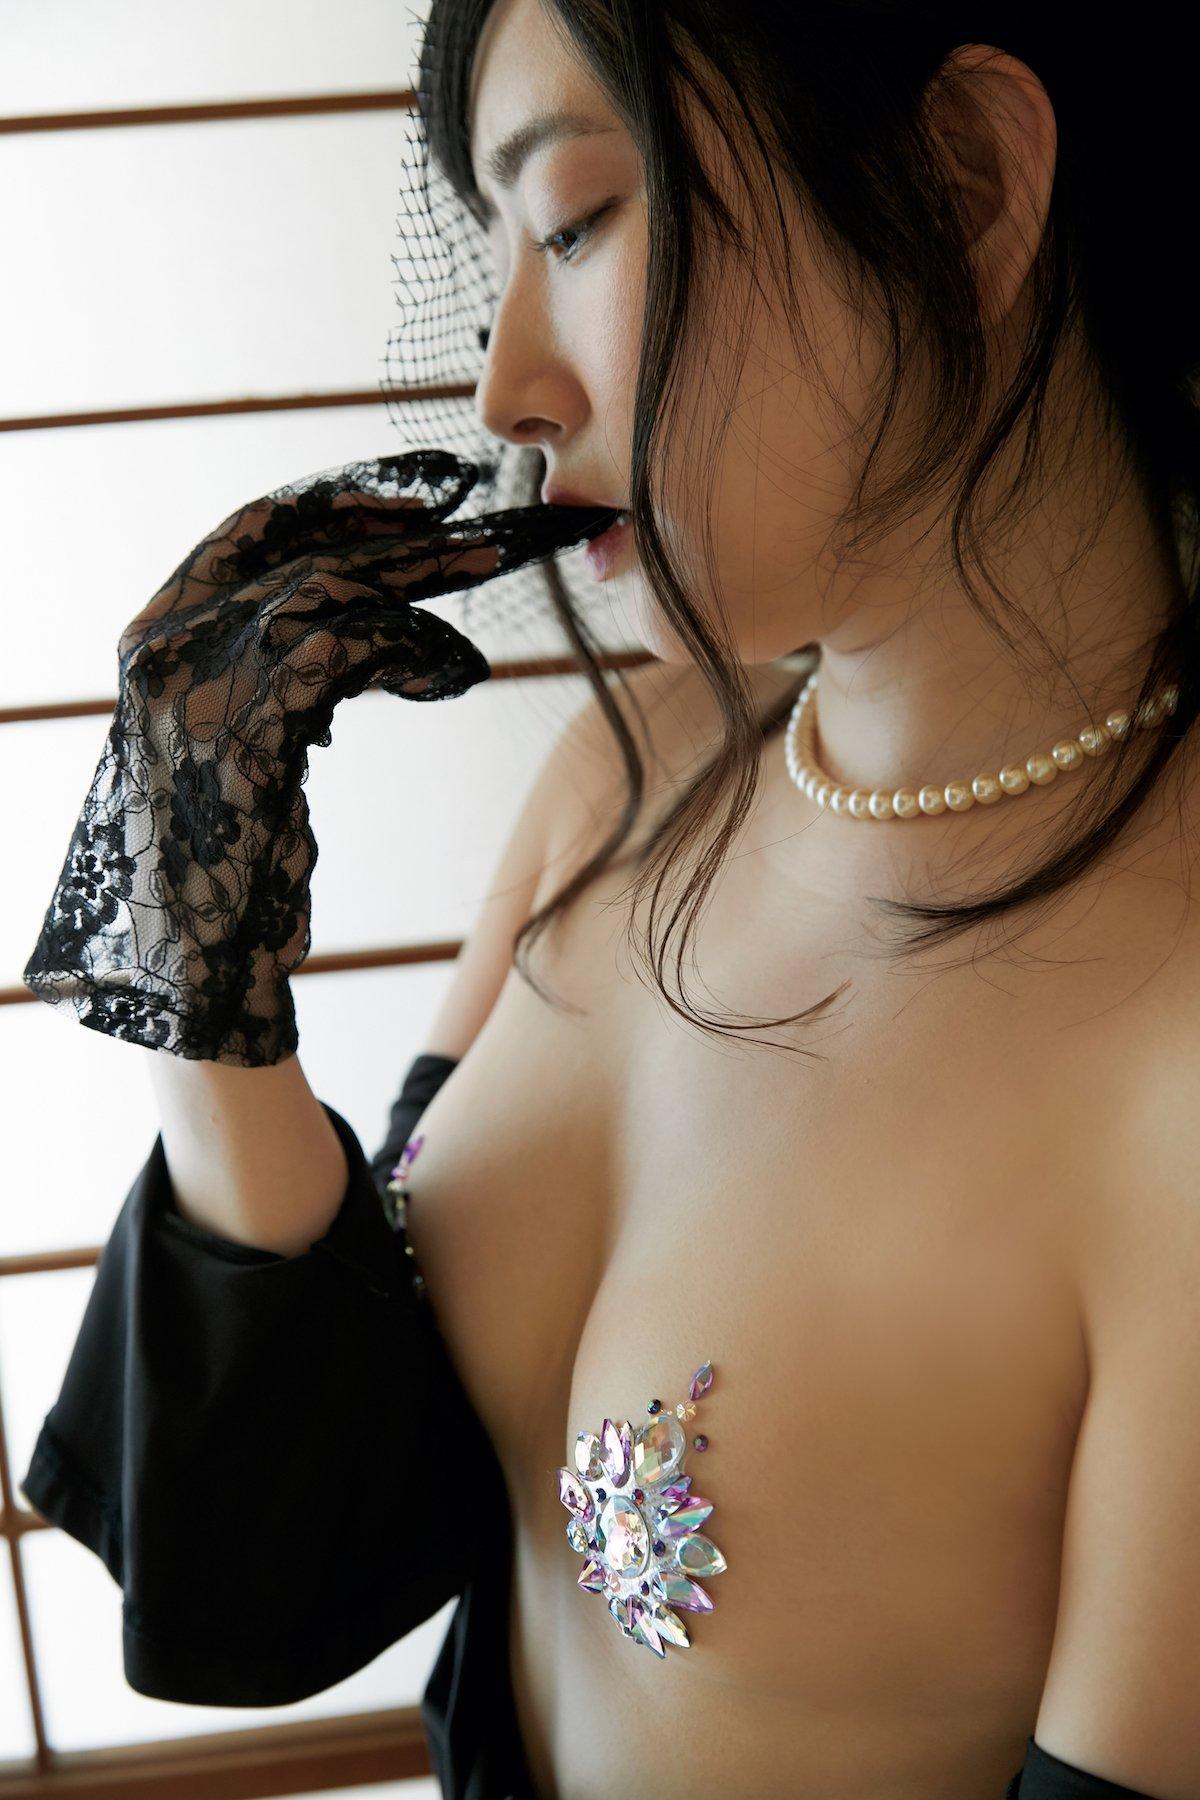 加藤圭「女優さんというのはあんまり考えてなくて。いまはやっぱり、いまの路線だけでいいかなって(笑)」【独占告白12/12】【画像42枚】の画像003